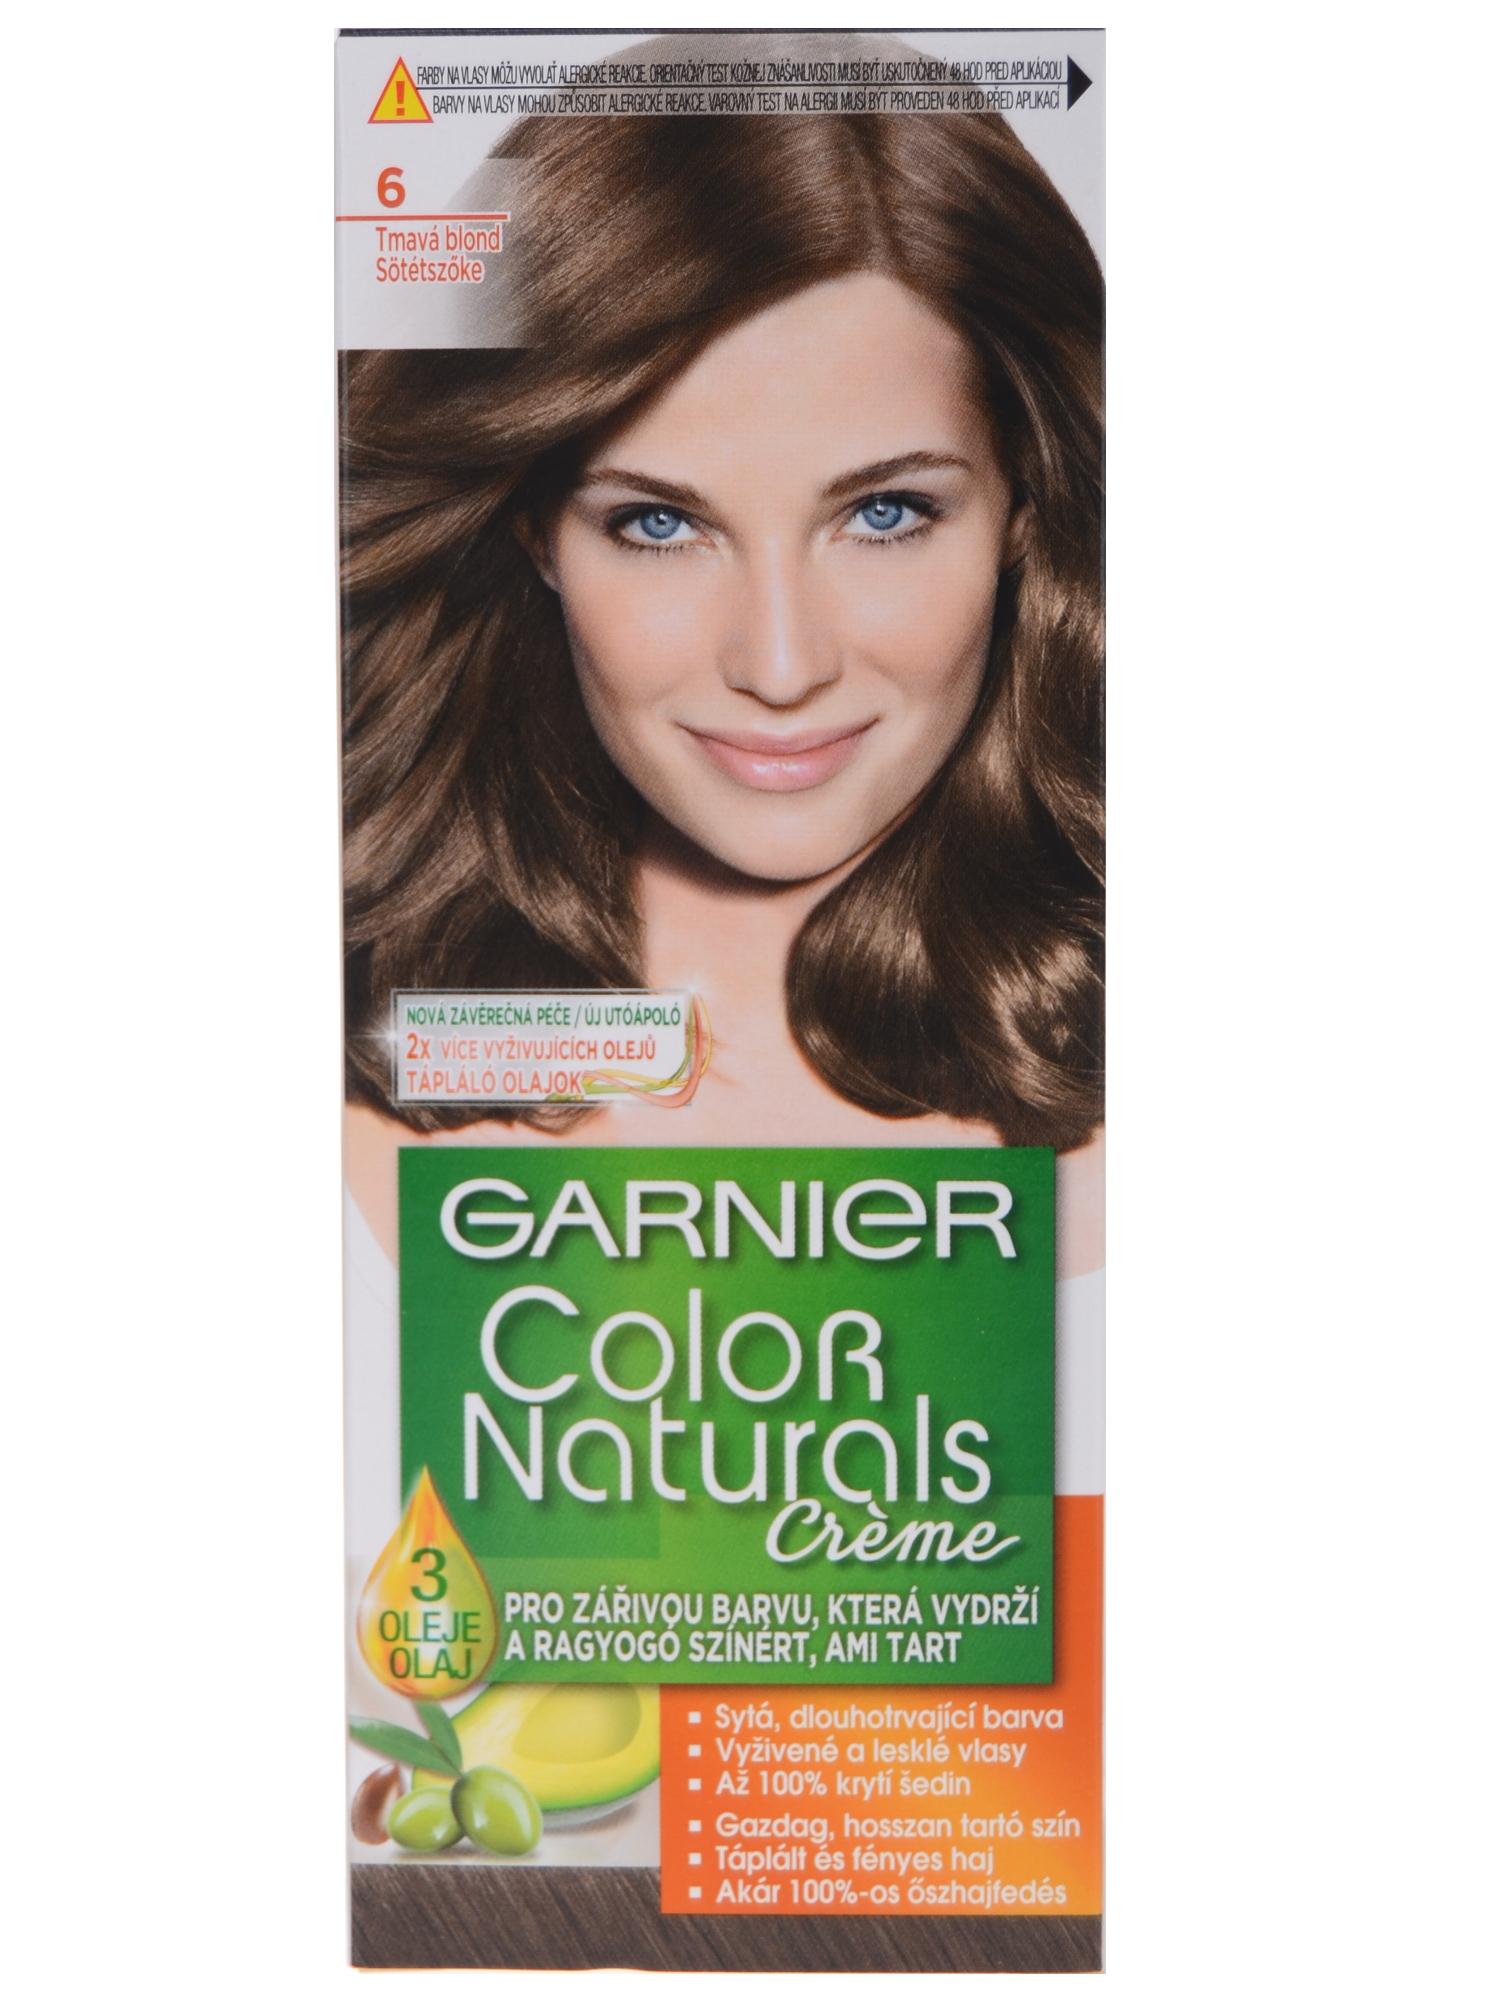 Permanentná farba Garnier Color Naturals 6 tmavá blond - Garnier ... 03de45614b9